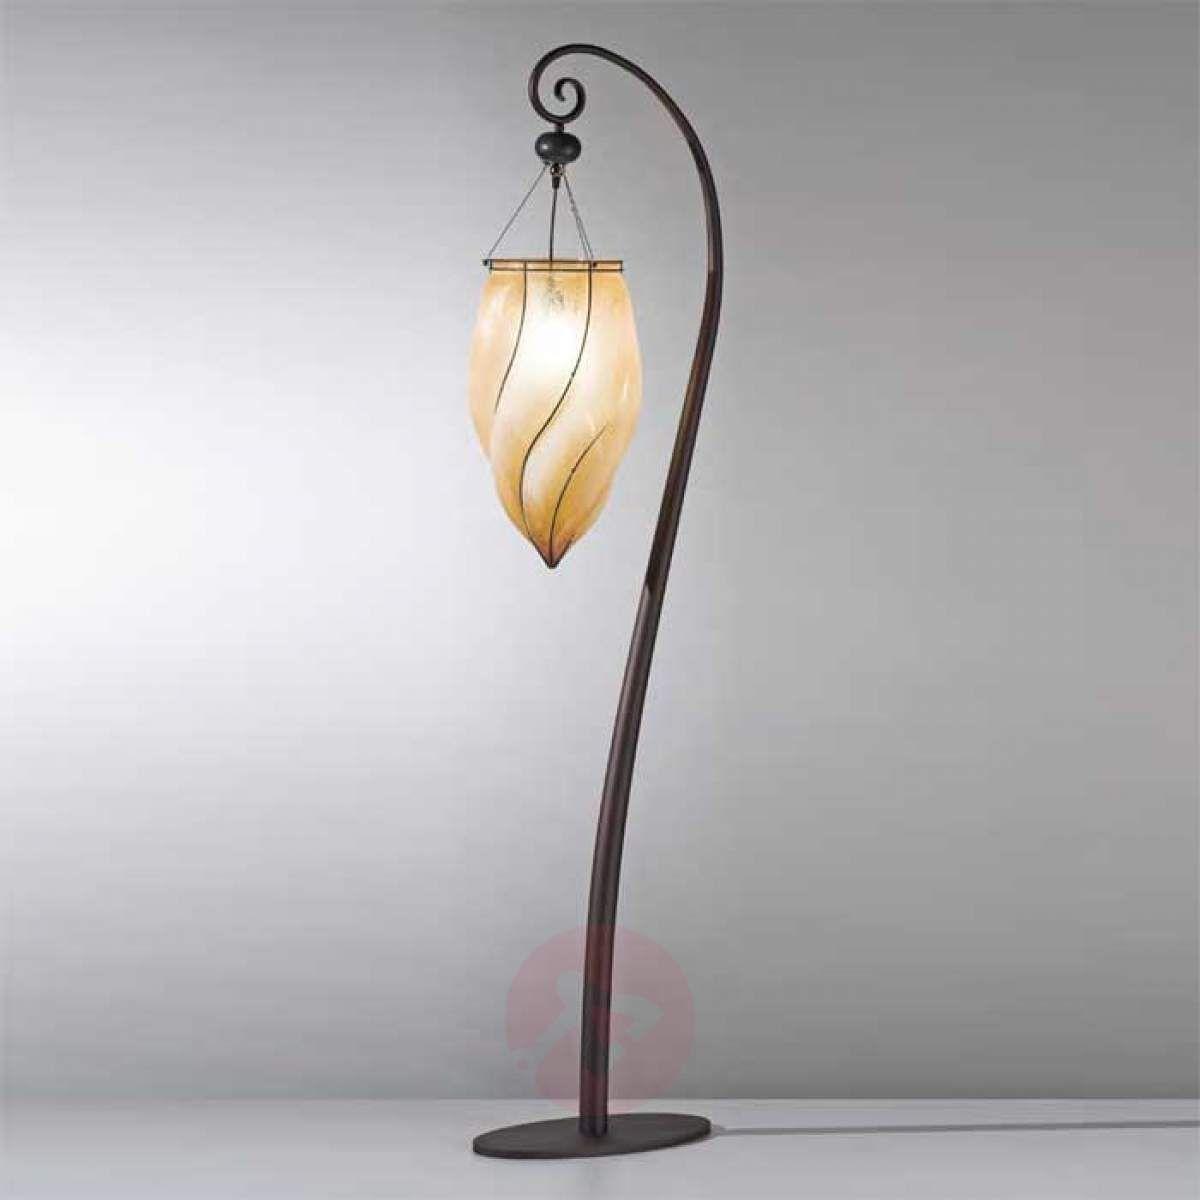 Urocza Lampa Stojaca Pozzo Recznie Wykonana With Images Lampy